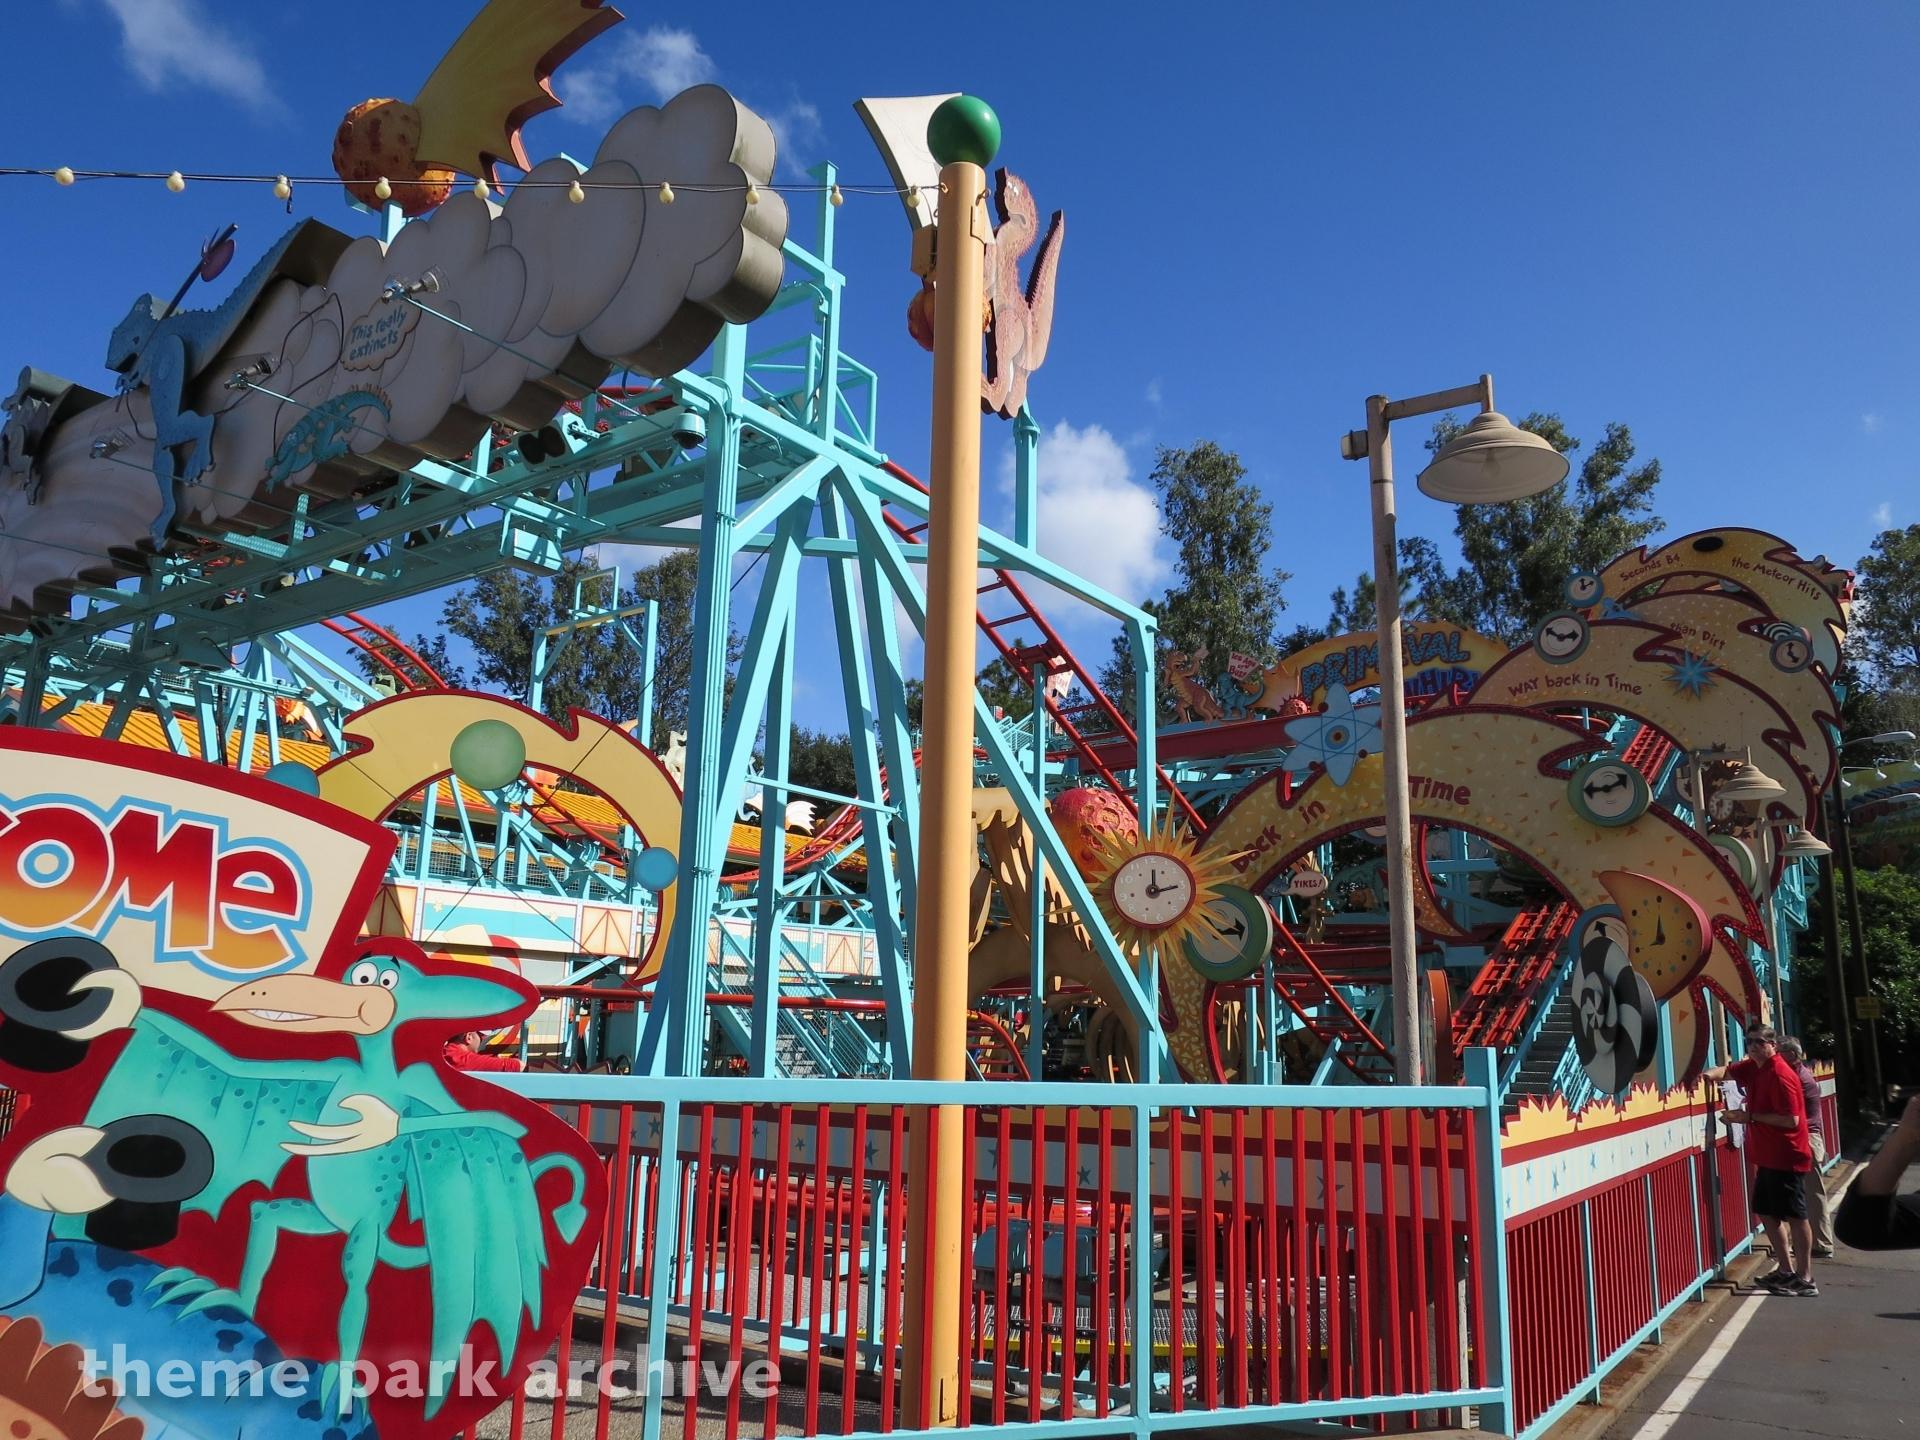 Primeval Whirl at Disney's Animal Kingdom